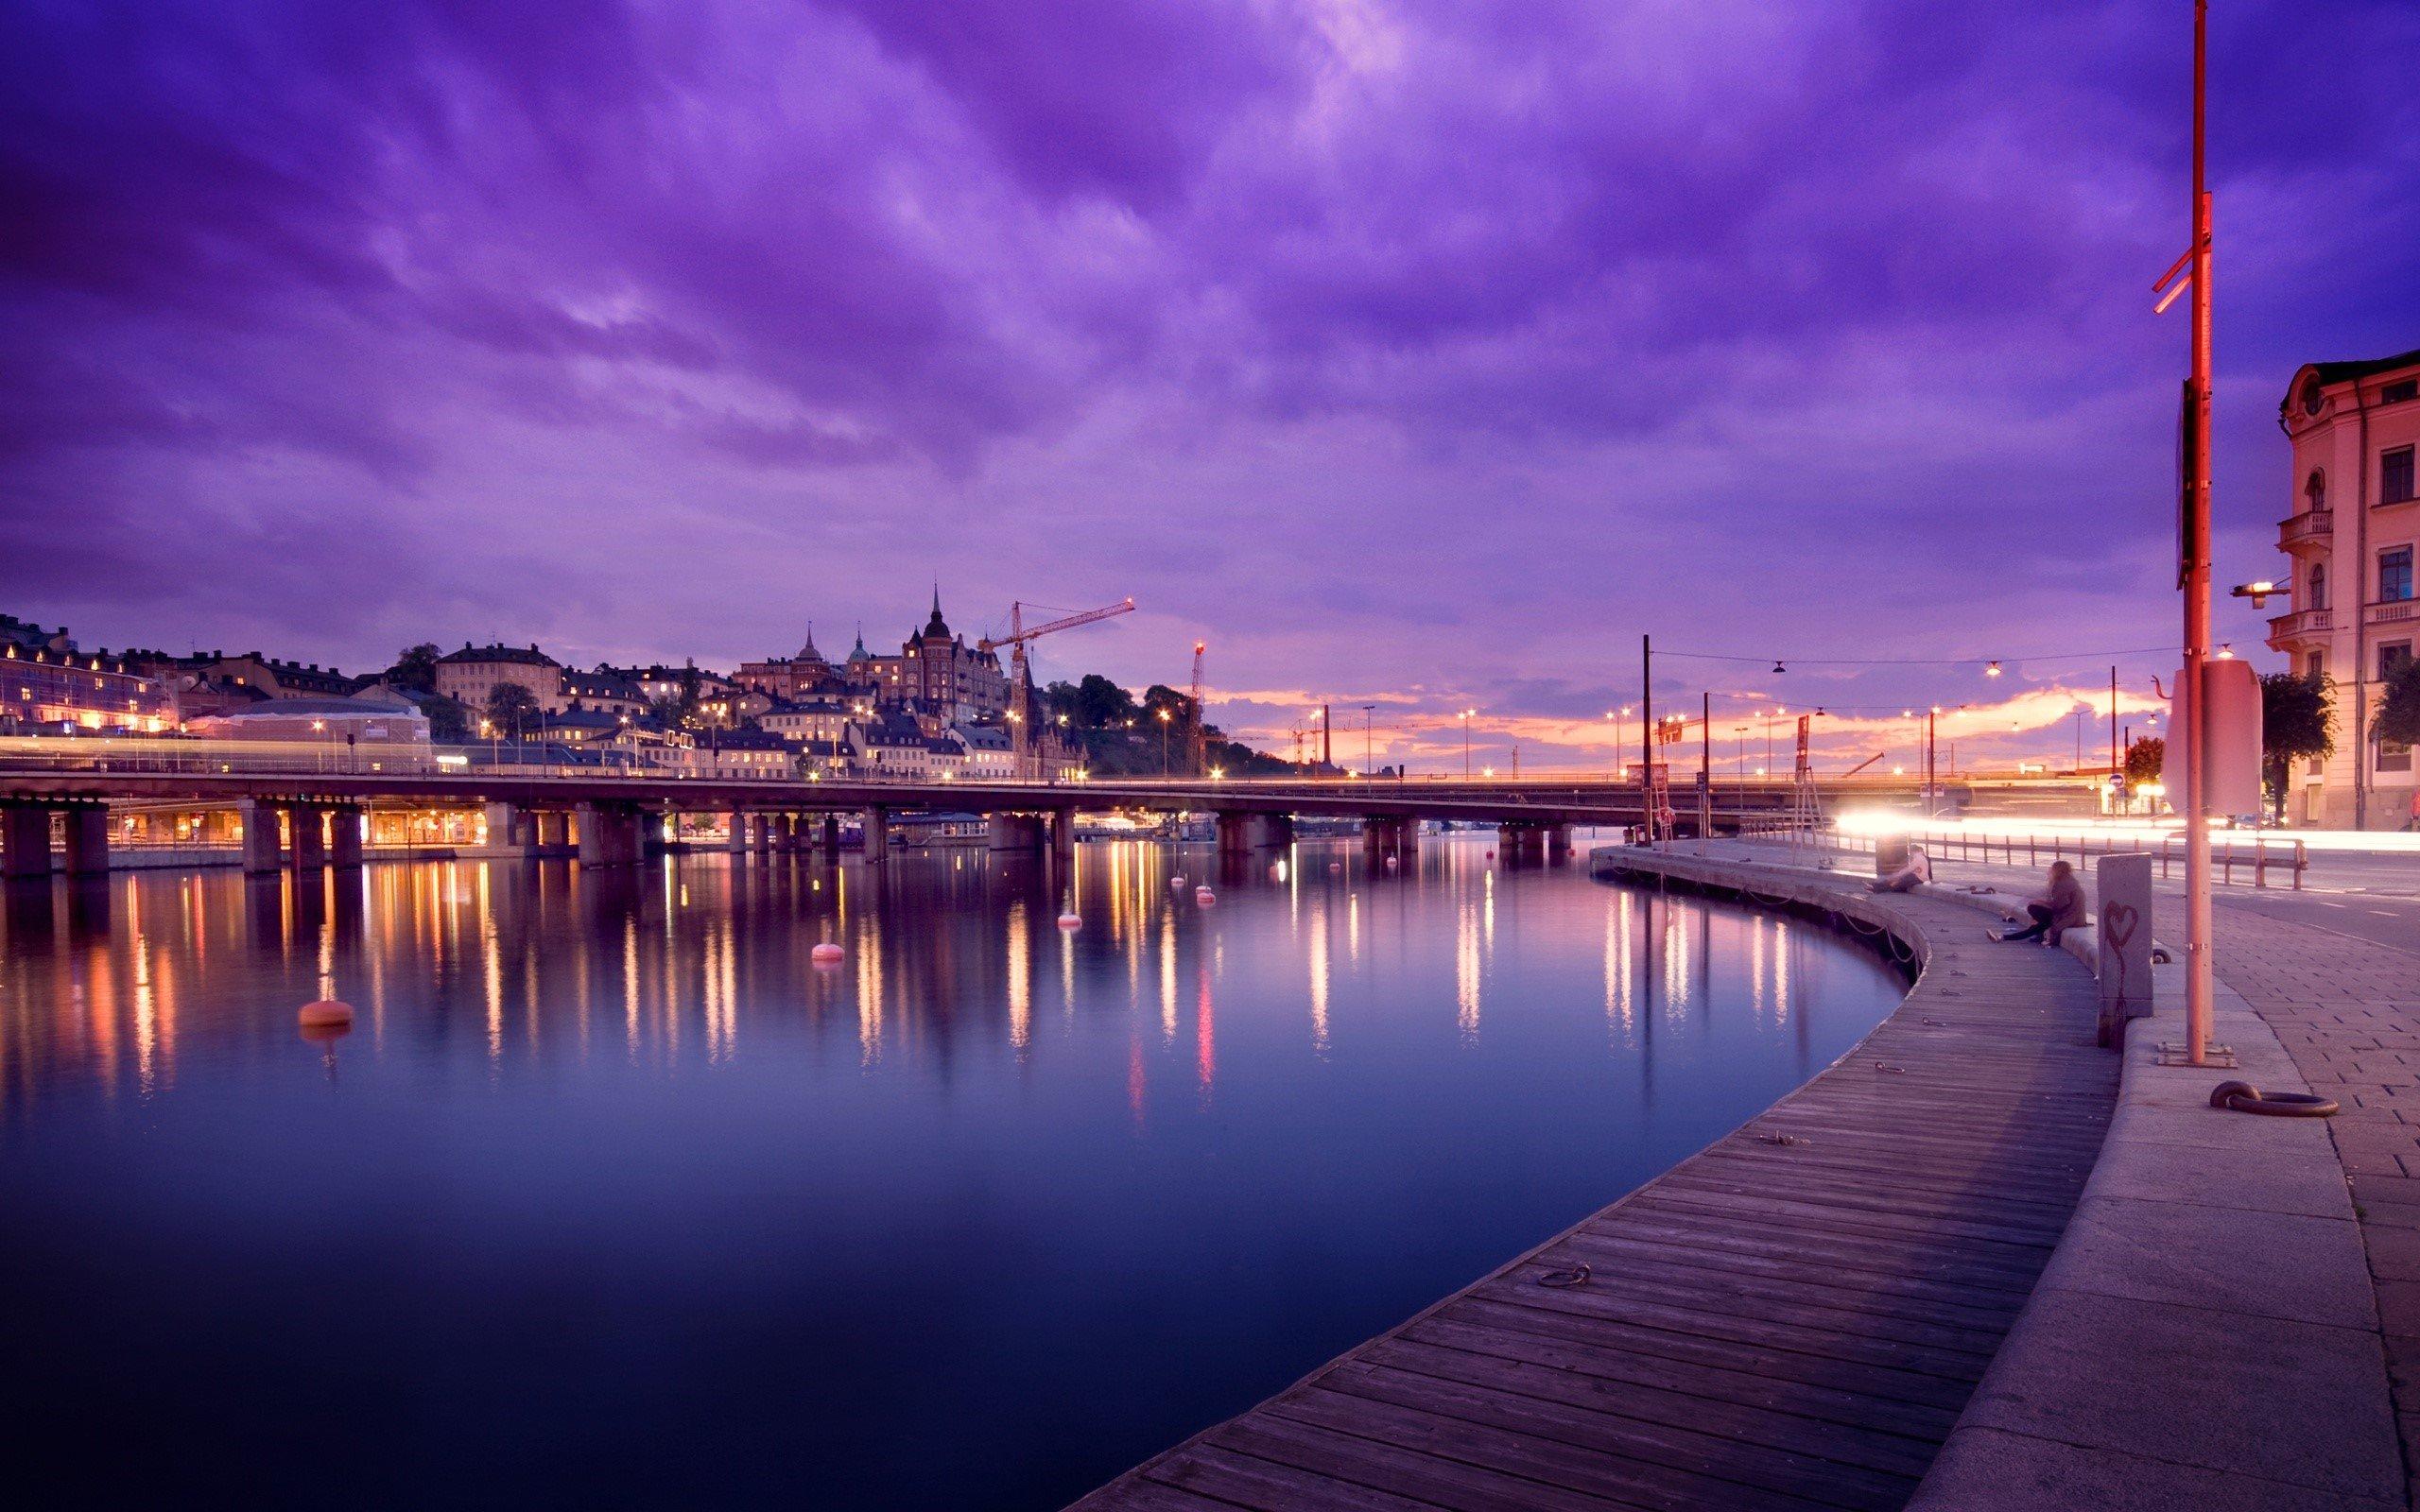 Fondo de pantalla de Reflejos en Stockholm Suecia Imágenes